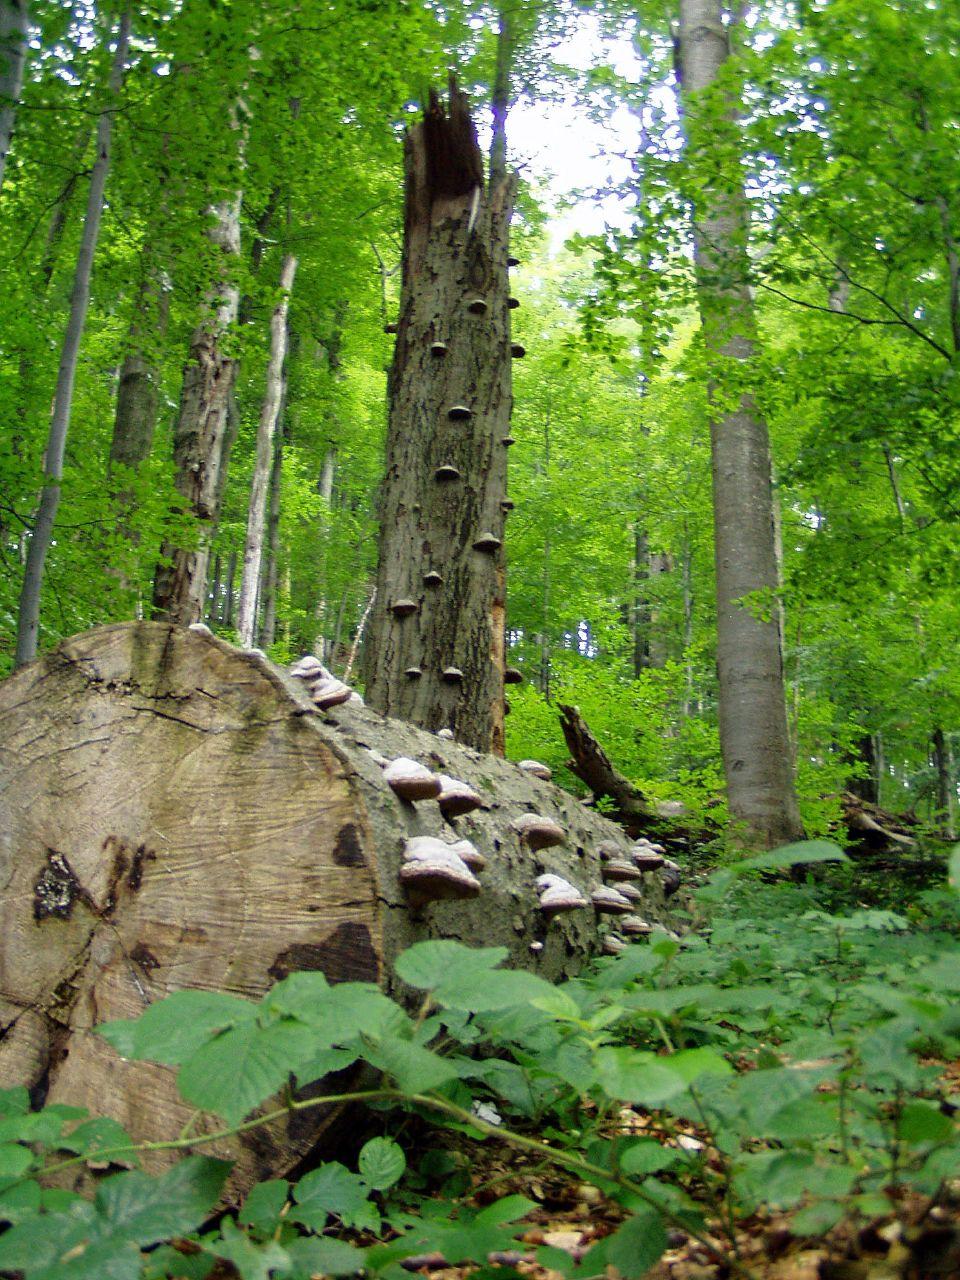 Місце падіння найбільшого у Європі метеориту, найстаріші дуби, яким понад 1200 років та праліси, які охороняє ЮНЕСКО.